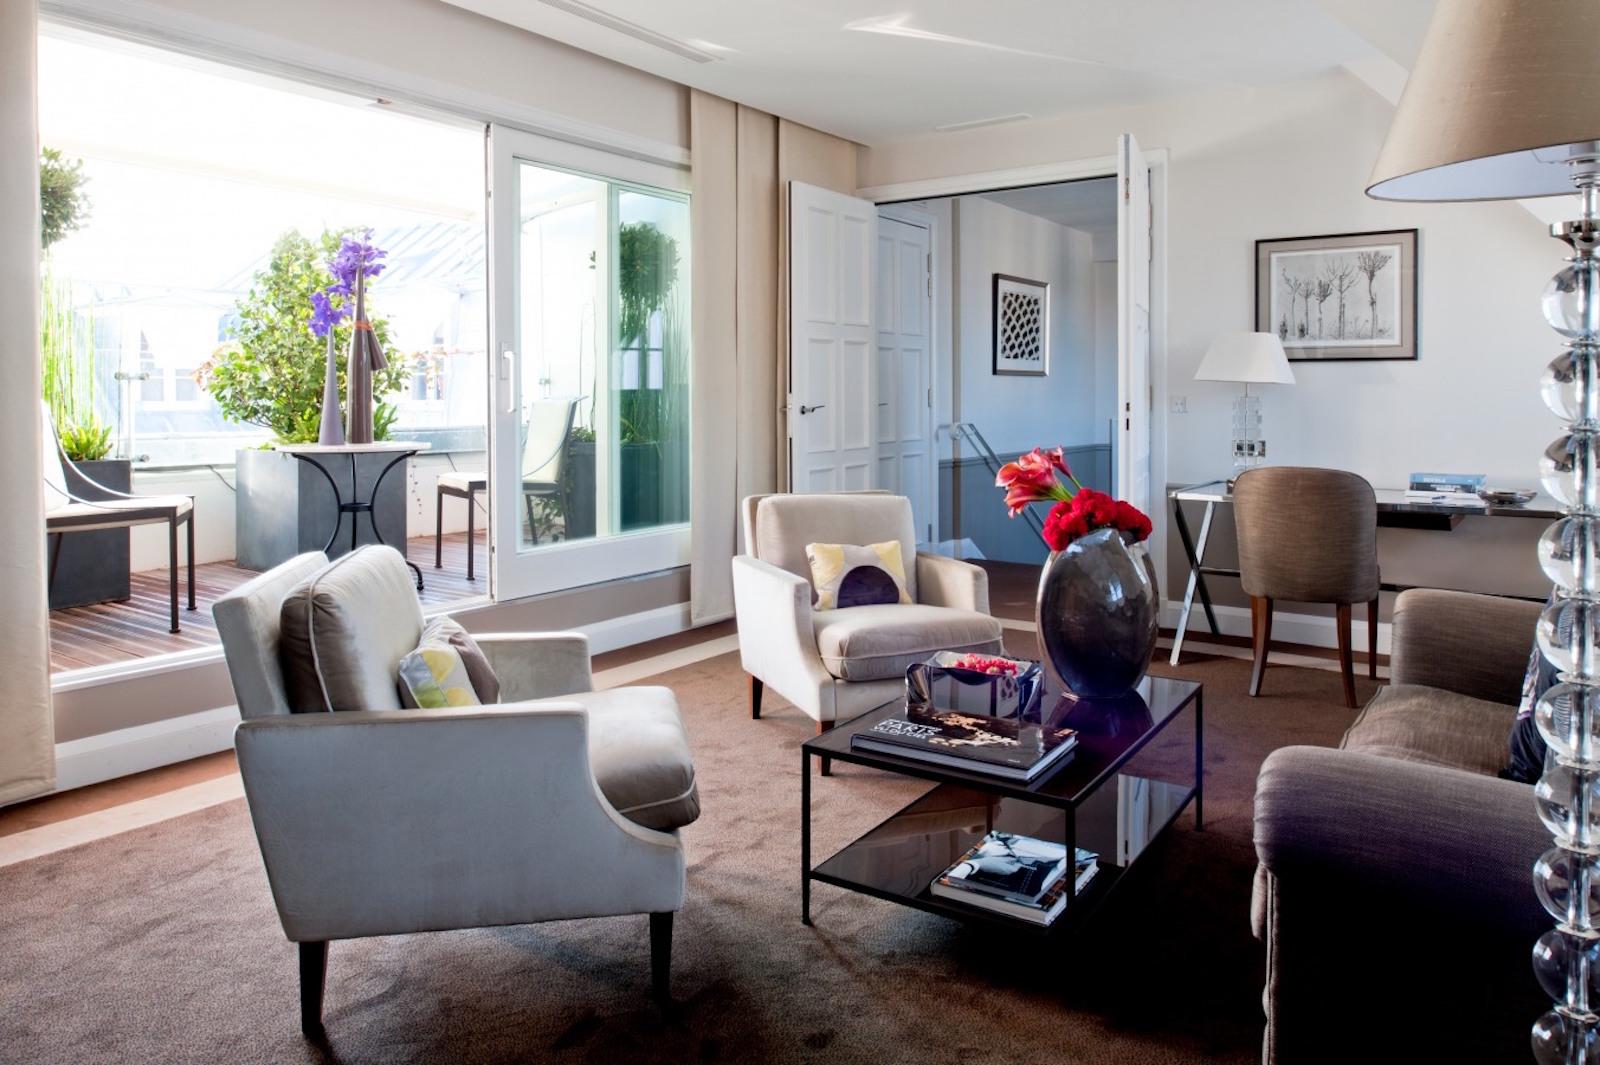 Le burgundy paris une adresse luxueuse entre la place for Appartement deco paris